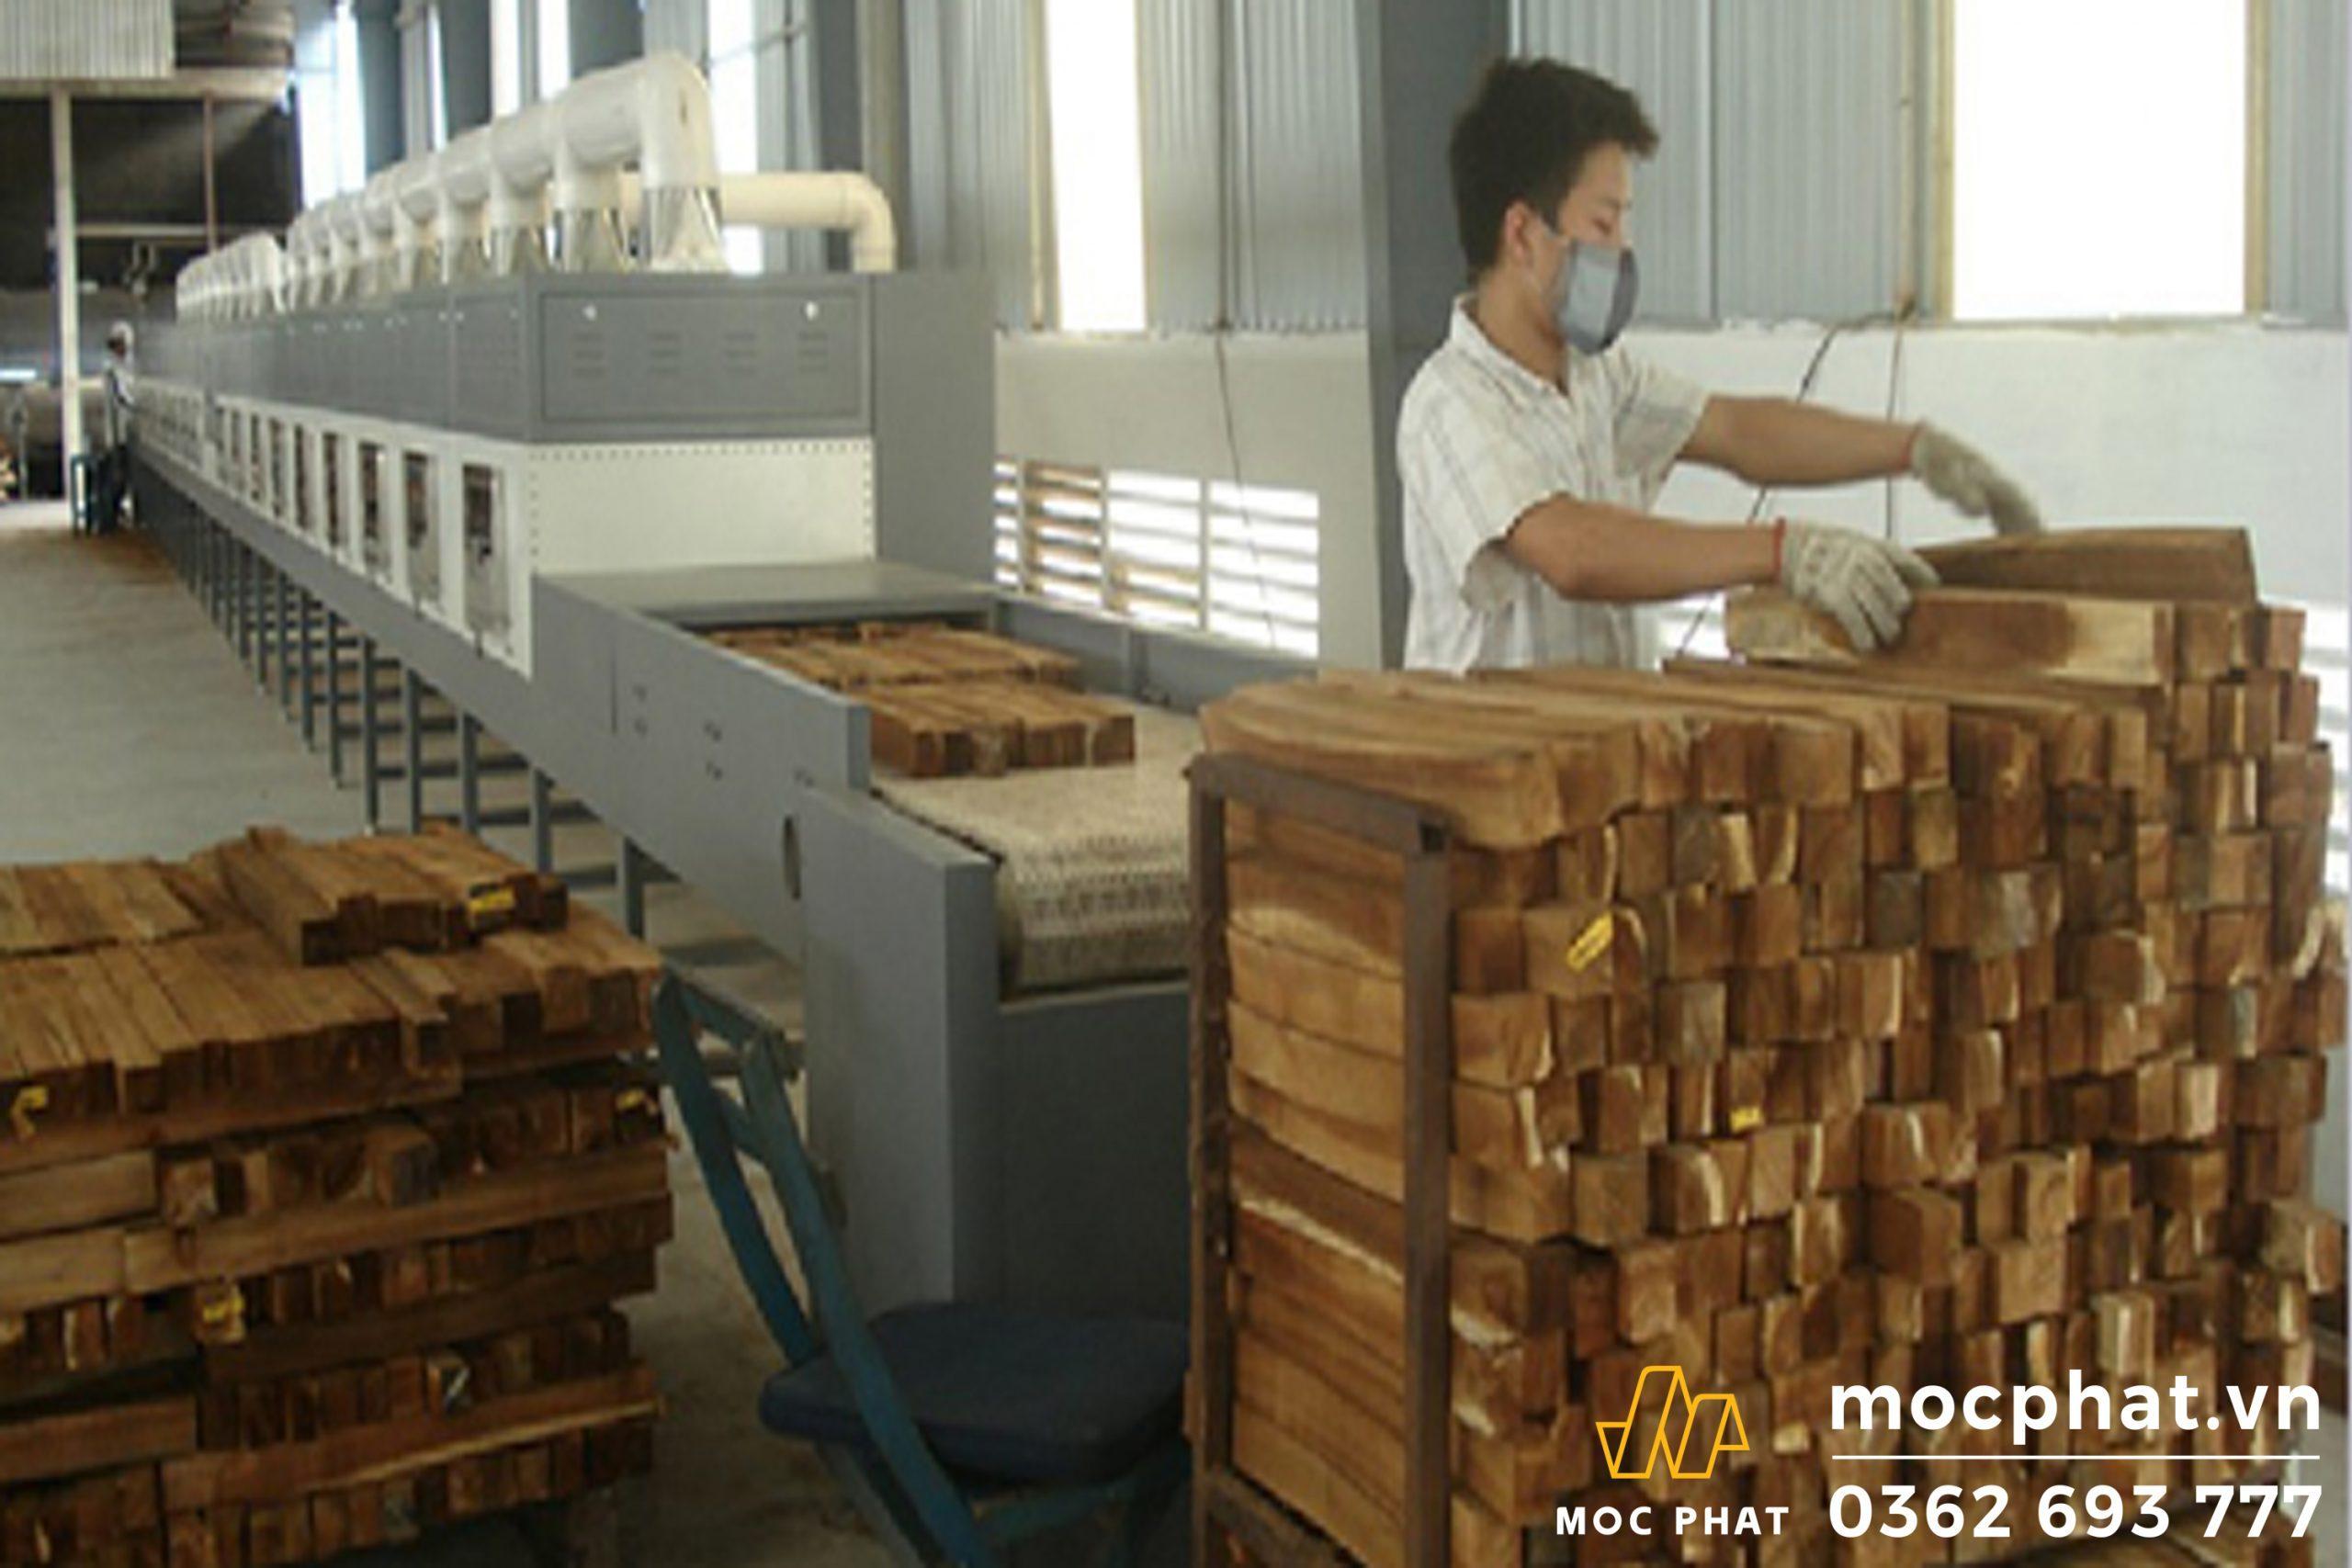 Phương pháp sấy gỗ trong môi trường có nhiệt độ cao